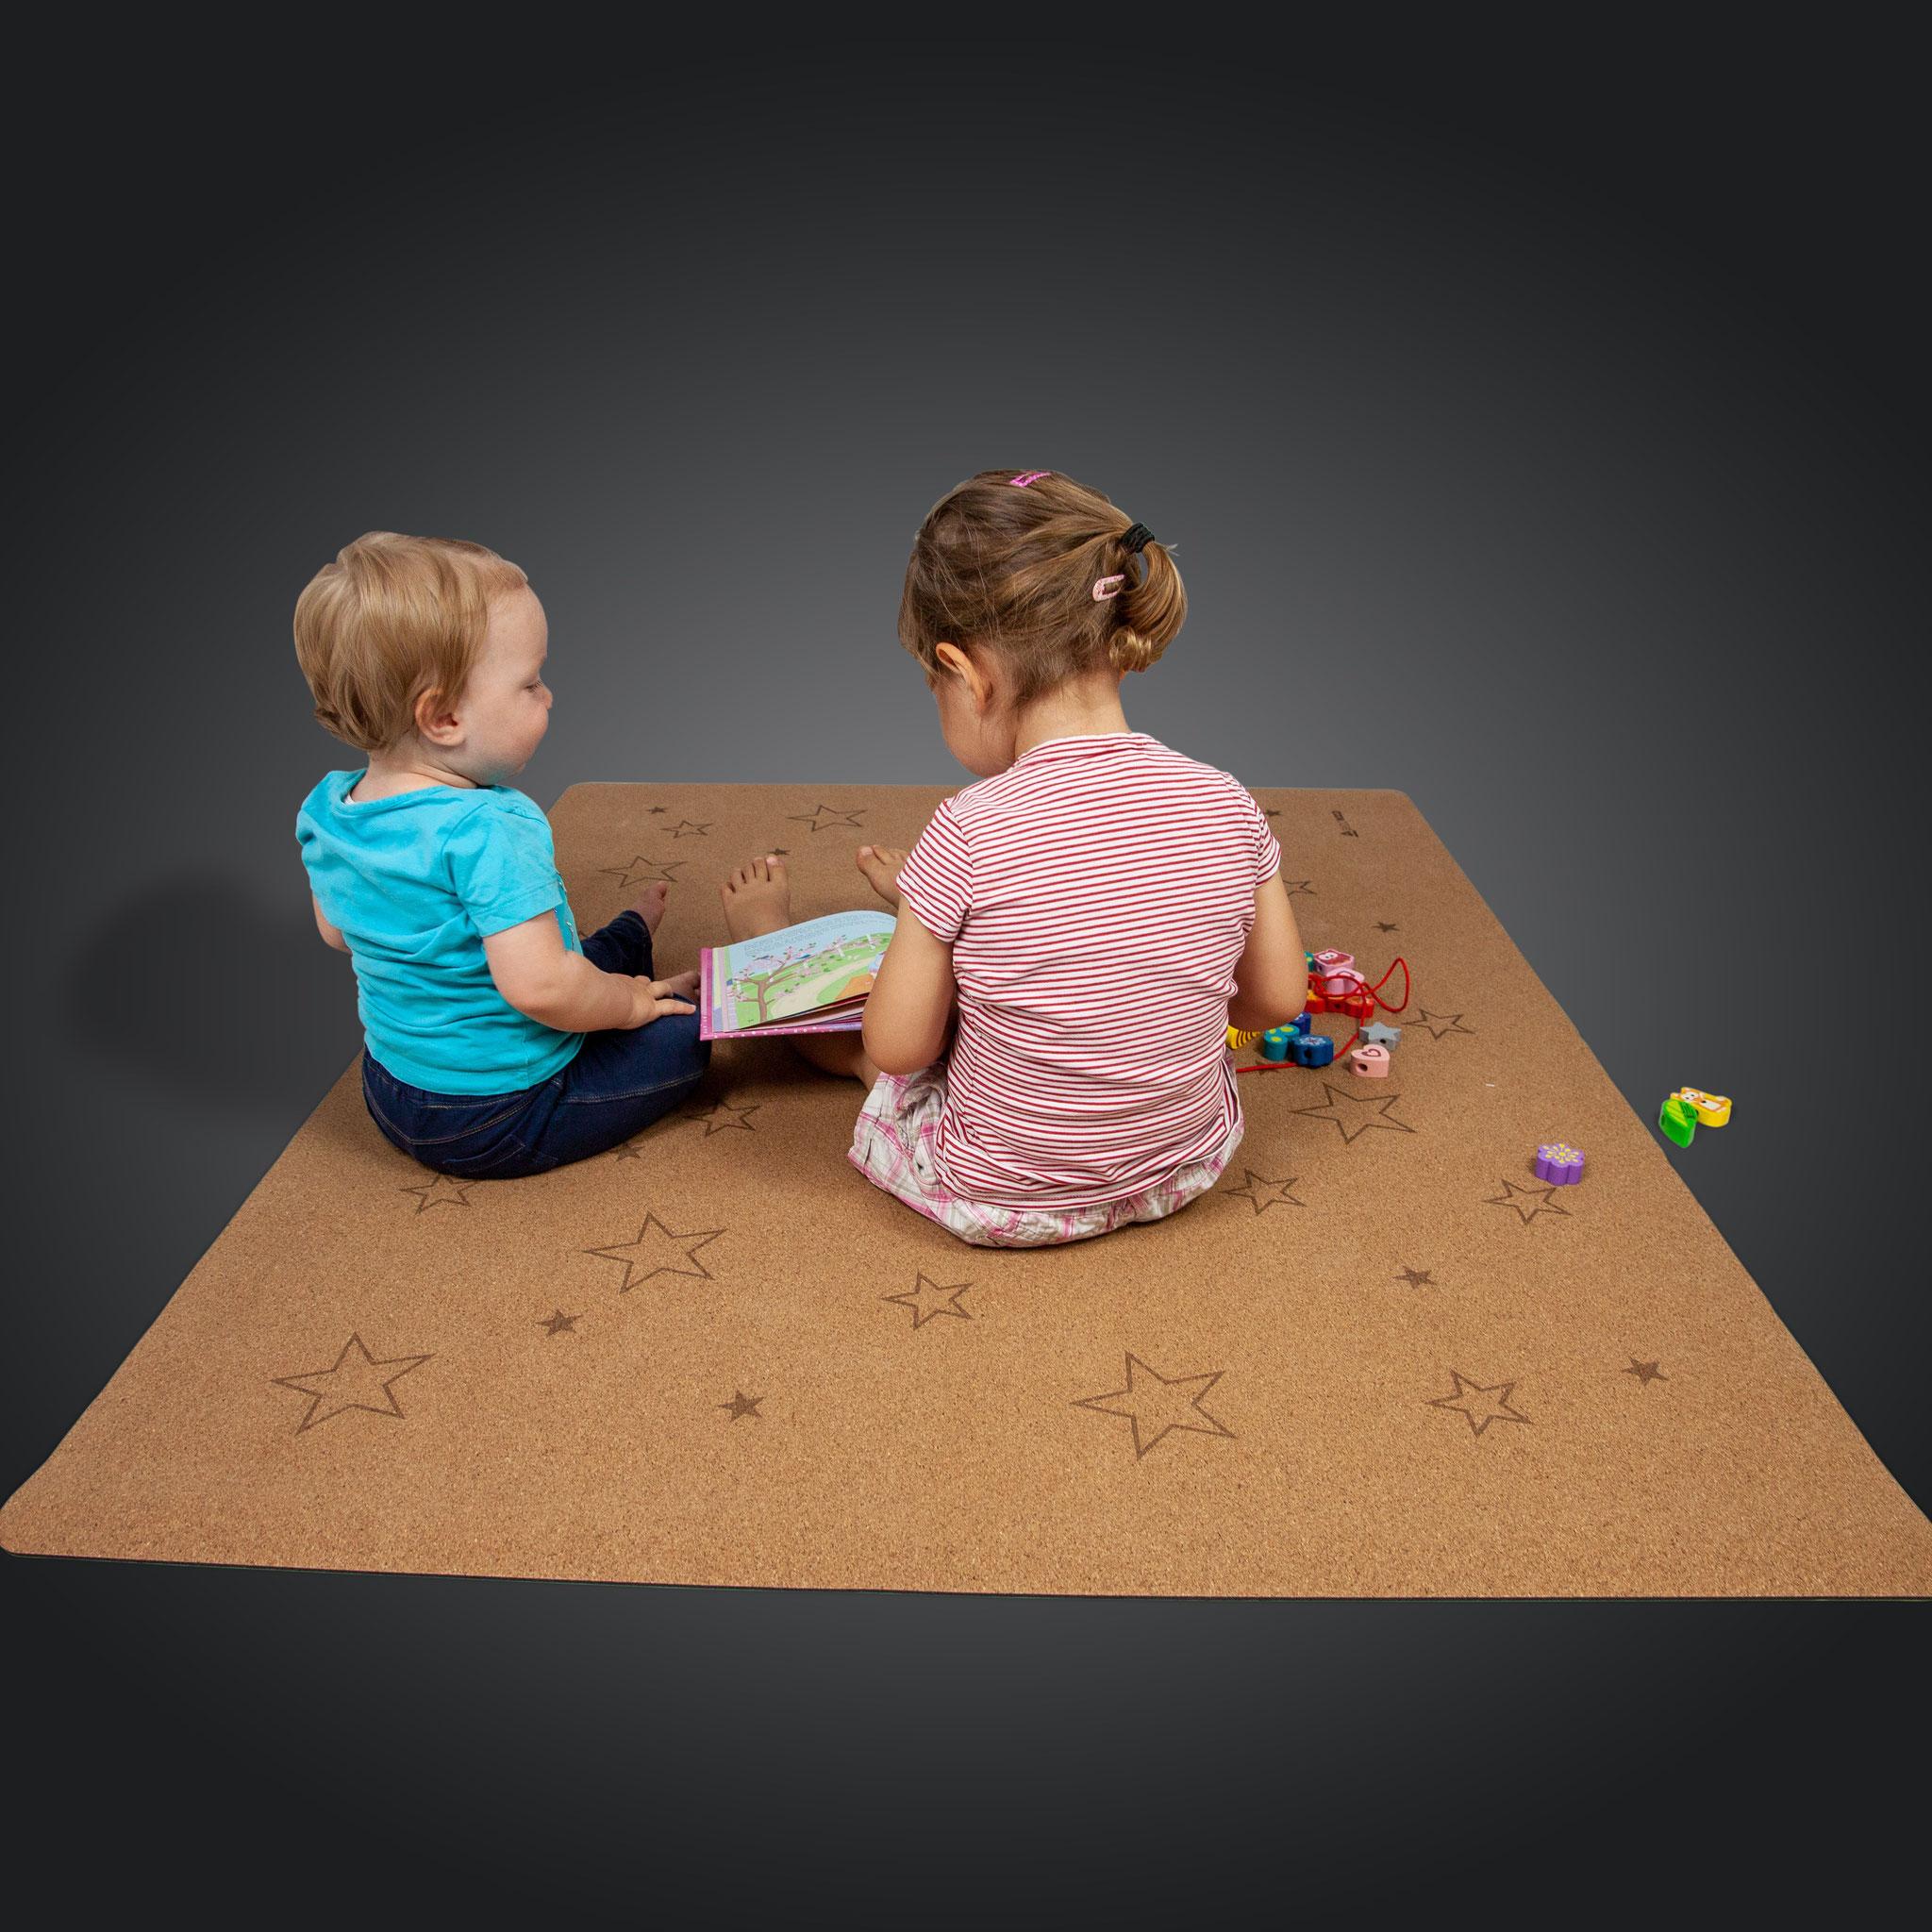 """Spielmatte """"Sterne"""" 110x140cm aus Kork & Kautschuk"""